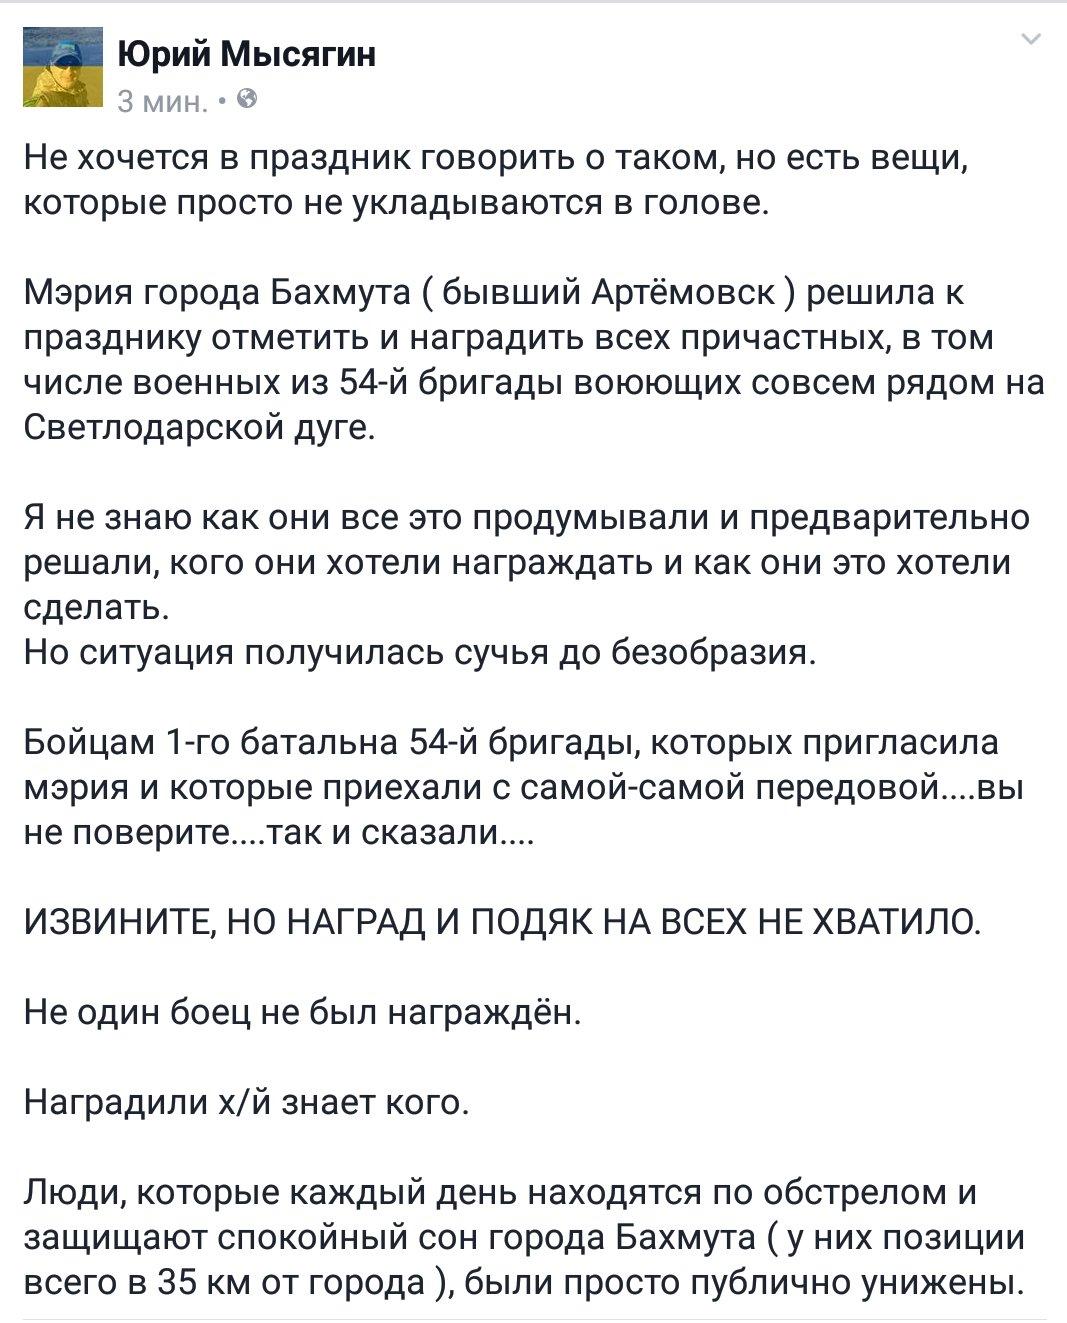 Пророссийски настроенные жители Донбасса и Крыма опираются на советскую идентичность и мифы, - Вятрович - Цензор.НЕТ 5425